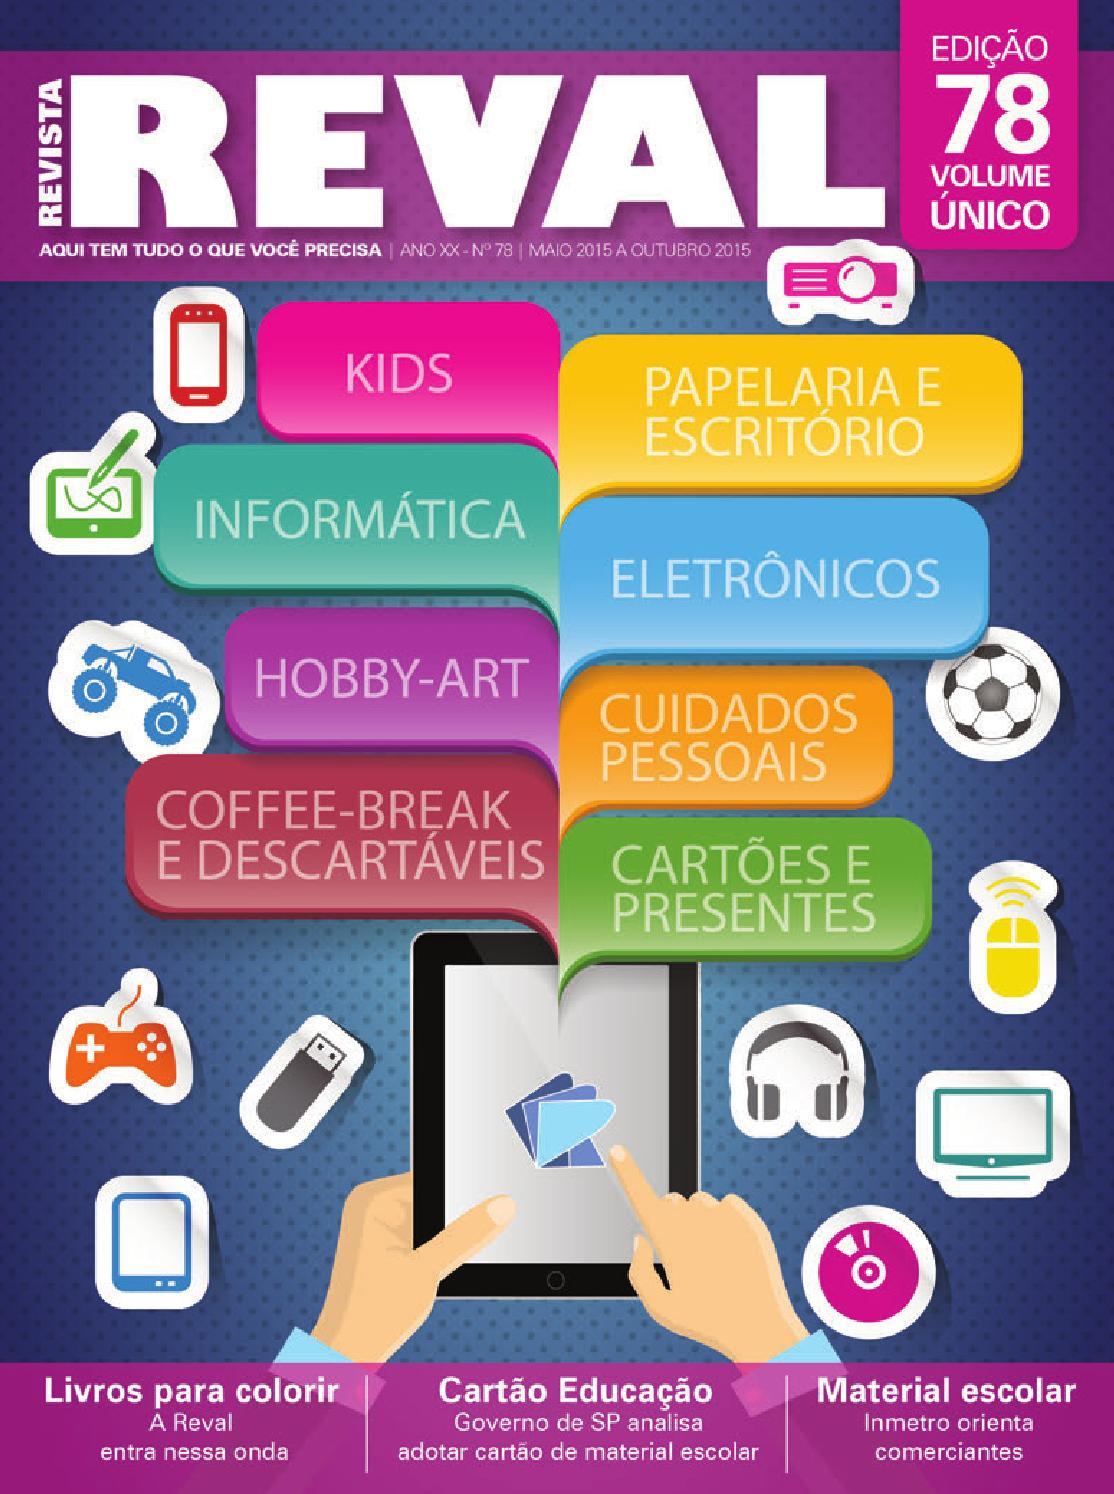 Revista Reval 78 - Parte 01 by Reval Atacado de Papelaria Ltda. - issuu 228d4b000ee91